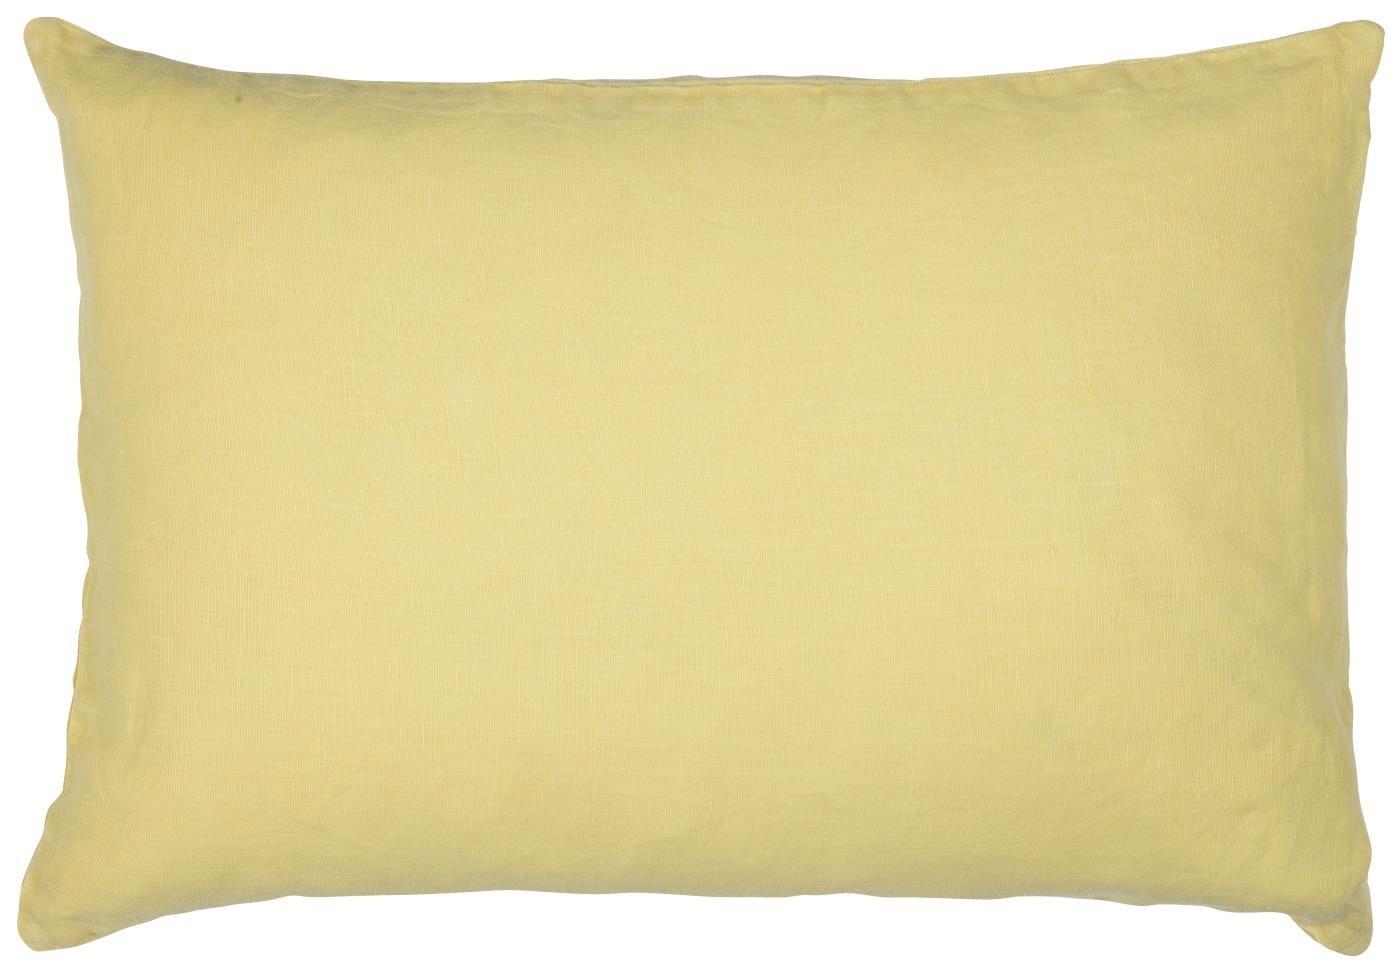 IB LAURSEN Lněný povlak na polštář Yellow 40x60